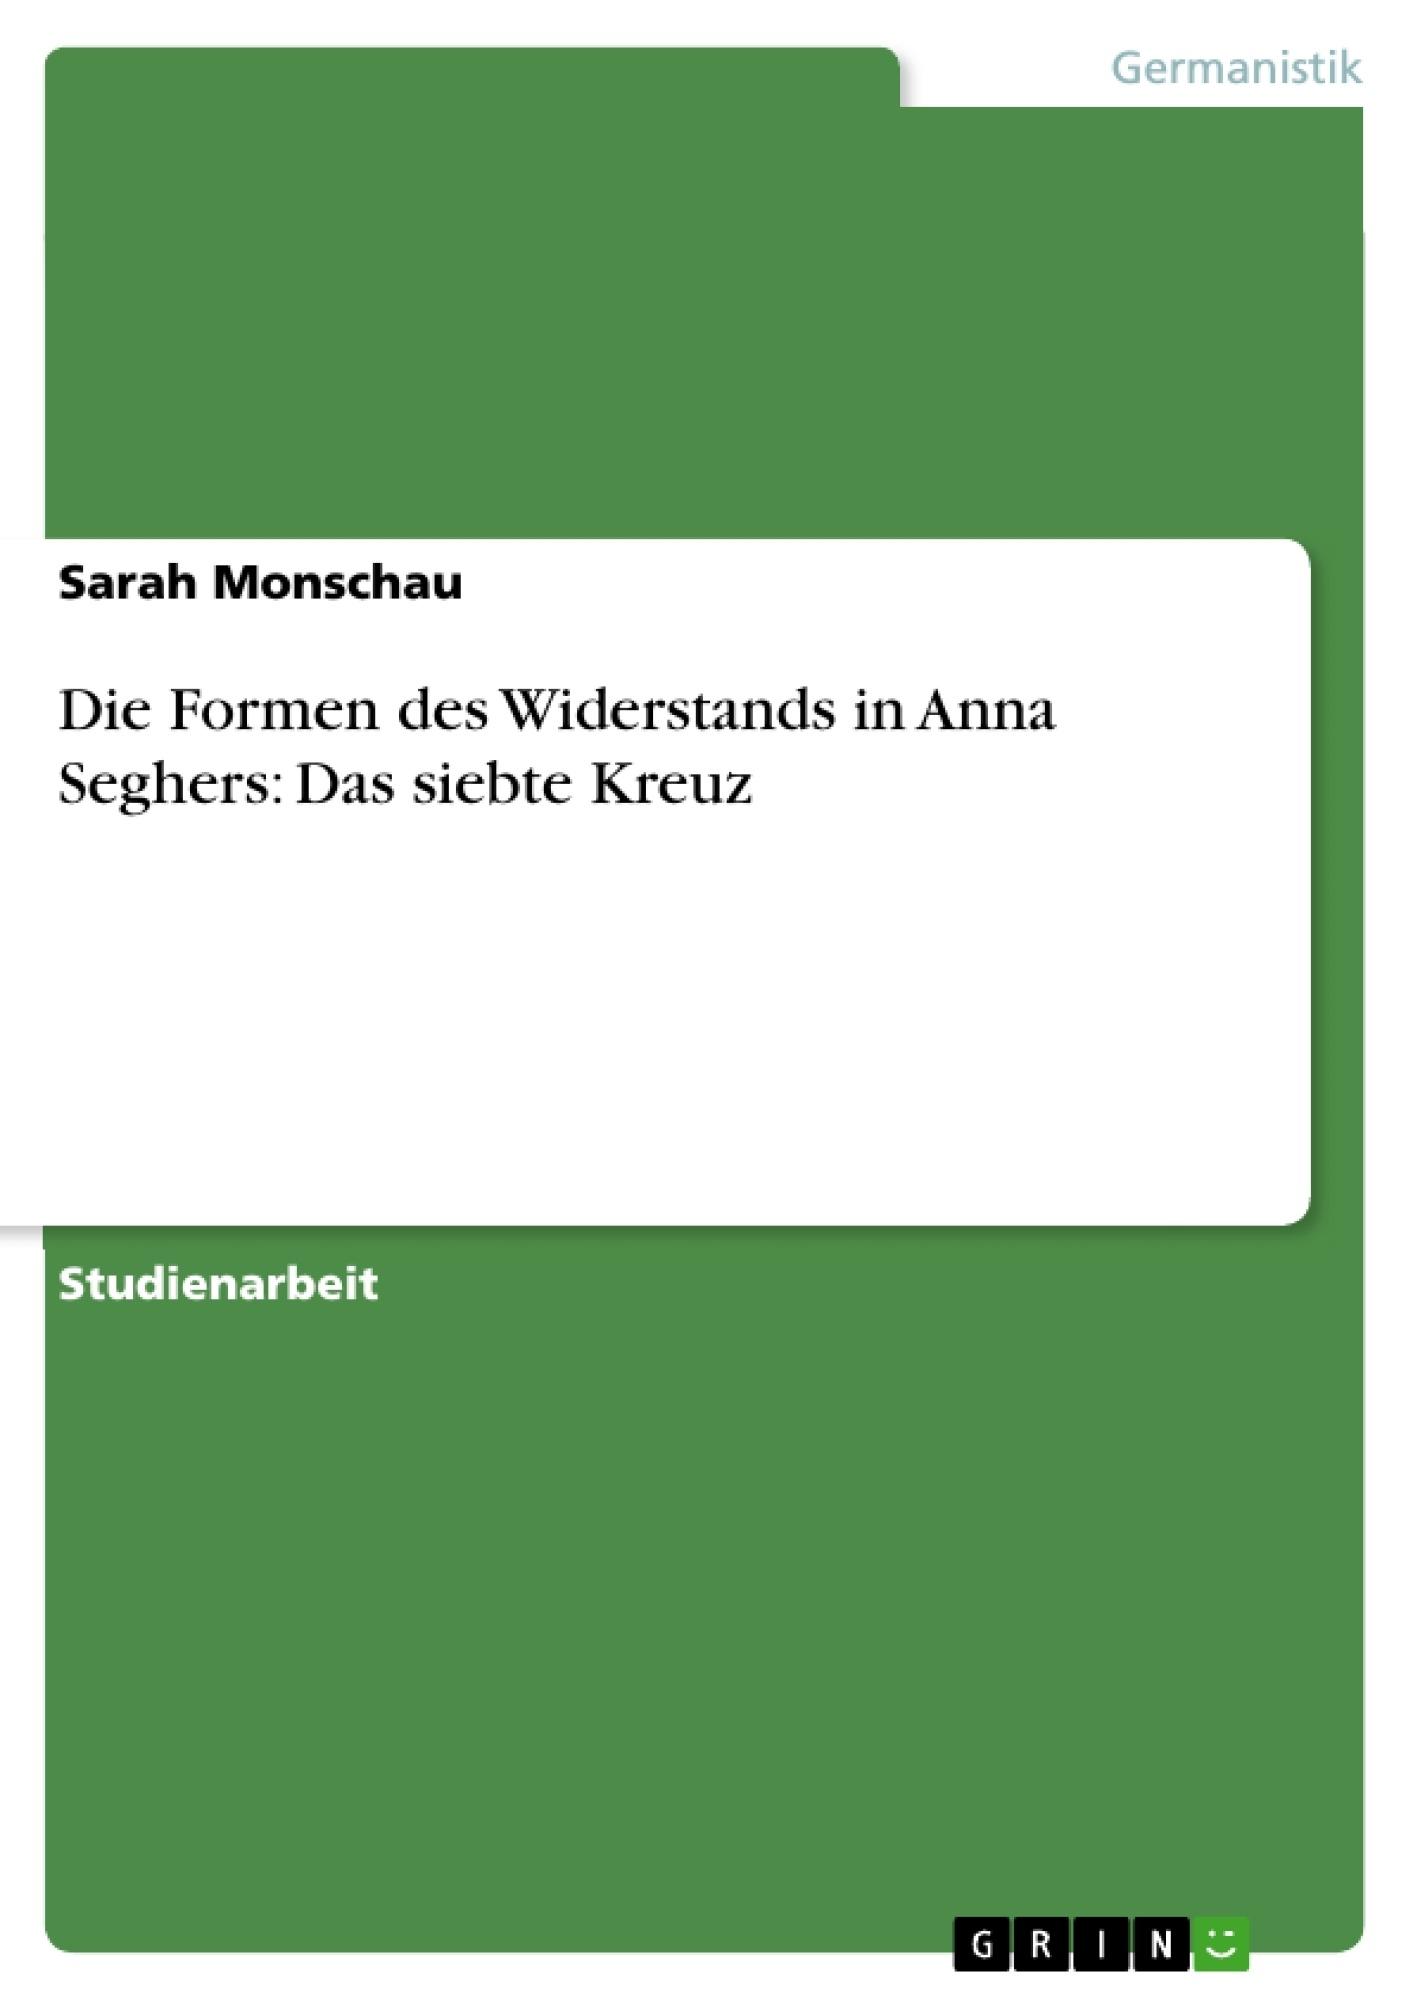 Titel: Die Formen des Widerstands in Anna Seghers: Das siebte Kreuz